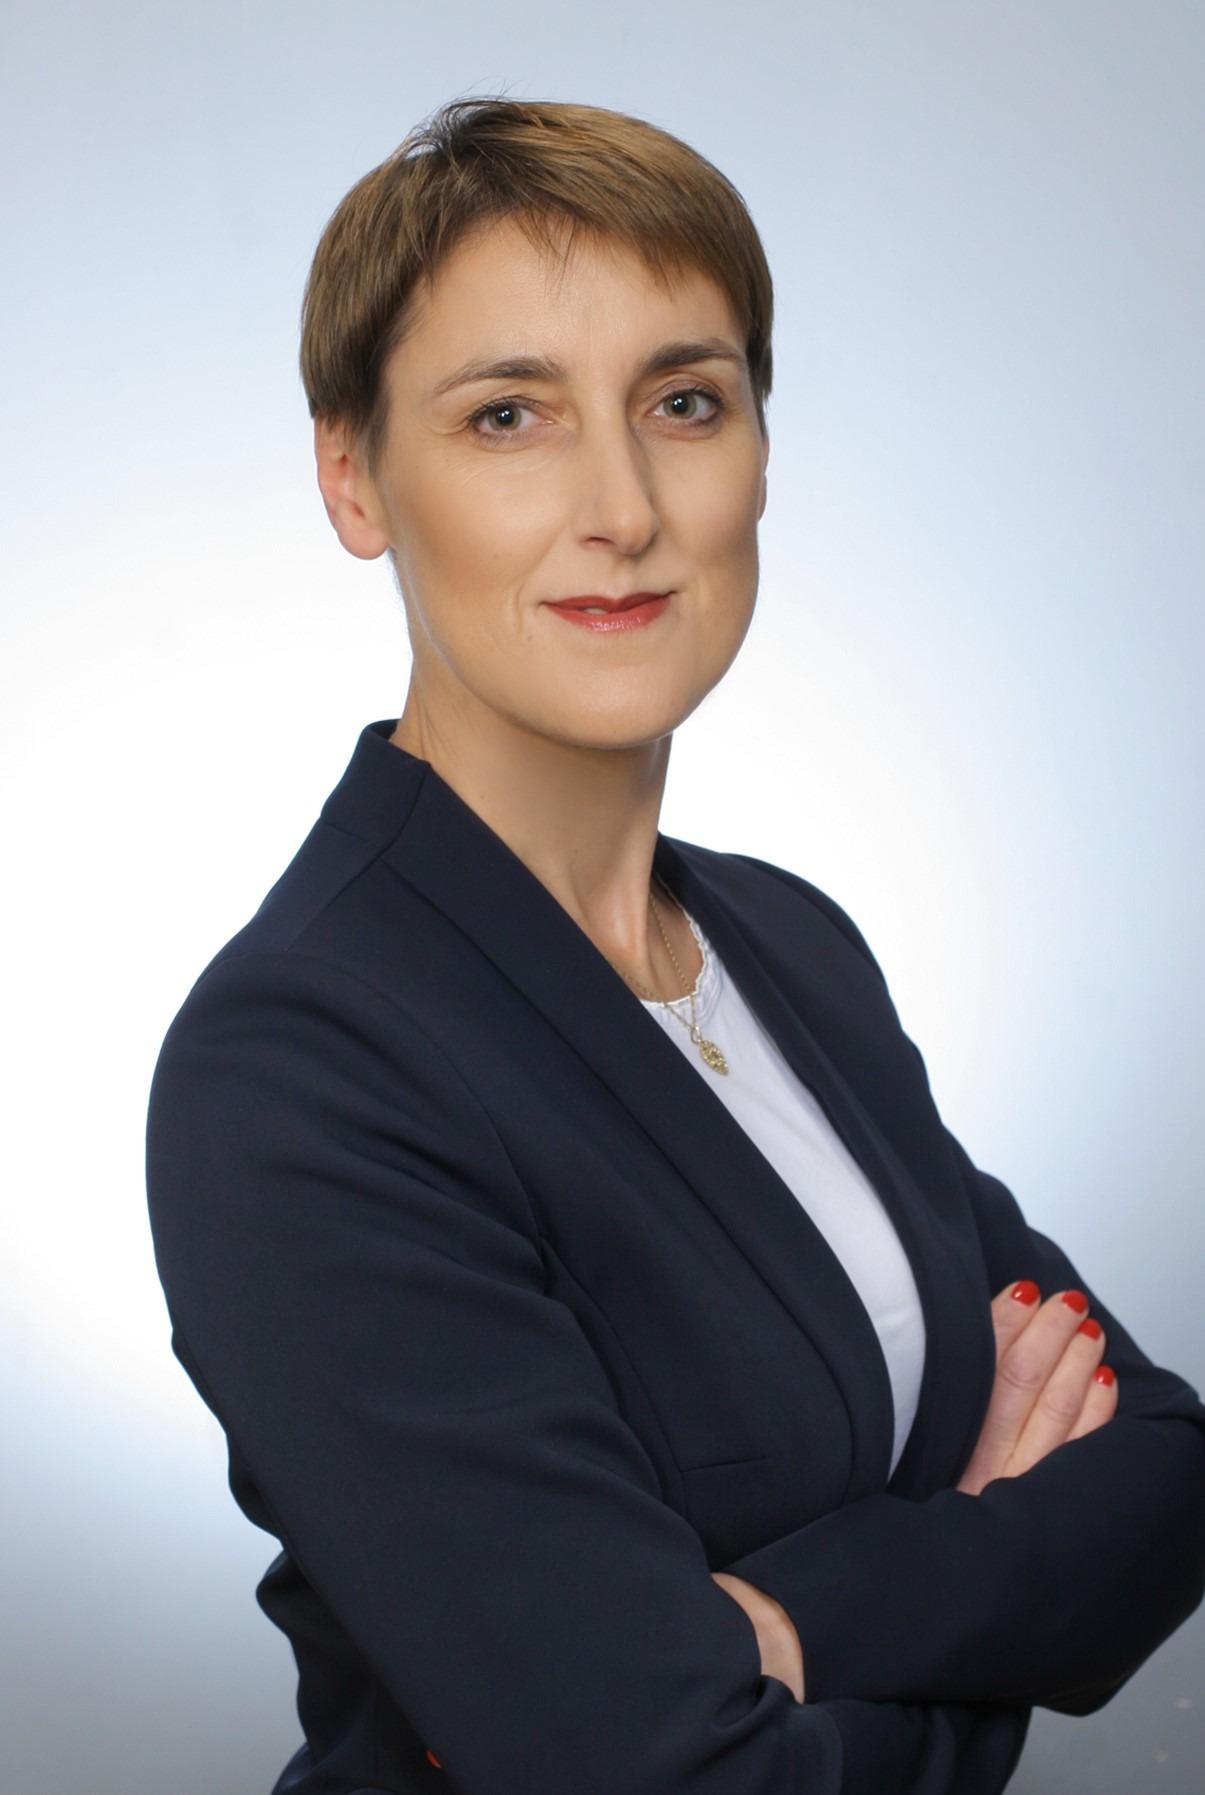 Ewa Jerzyk